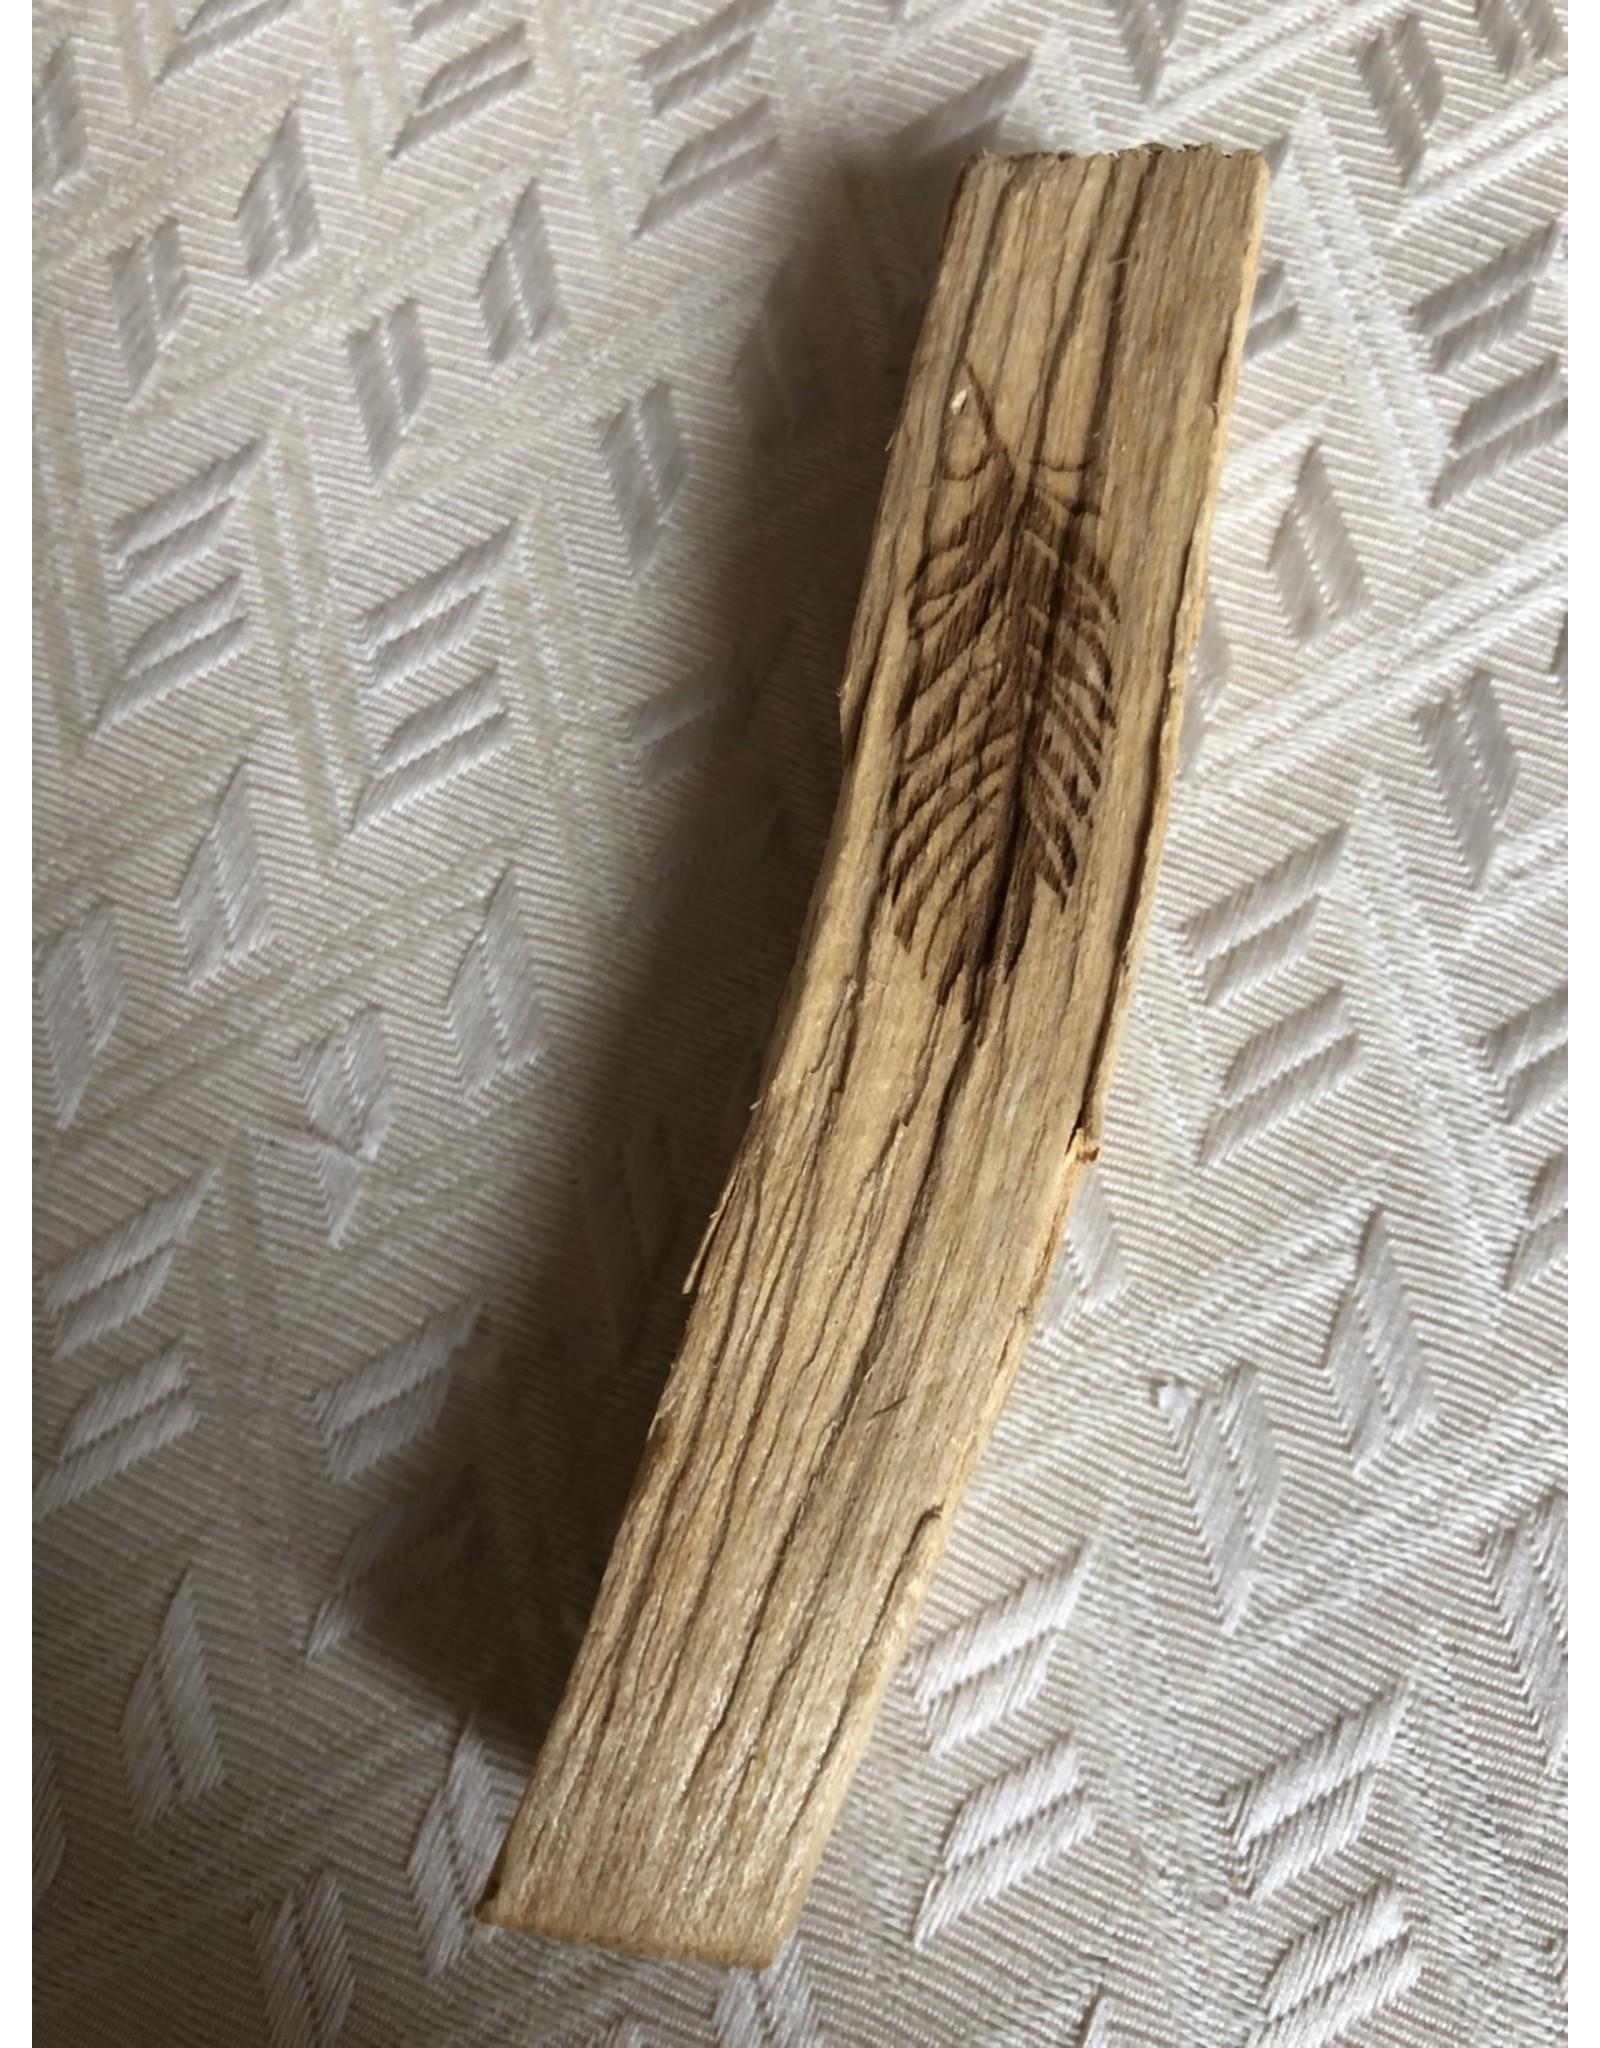 Palo Santo Design Sticks